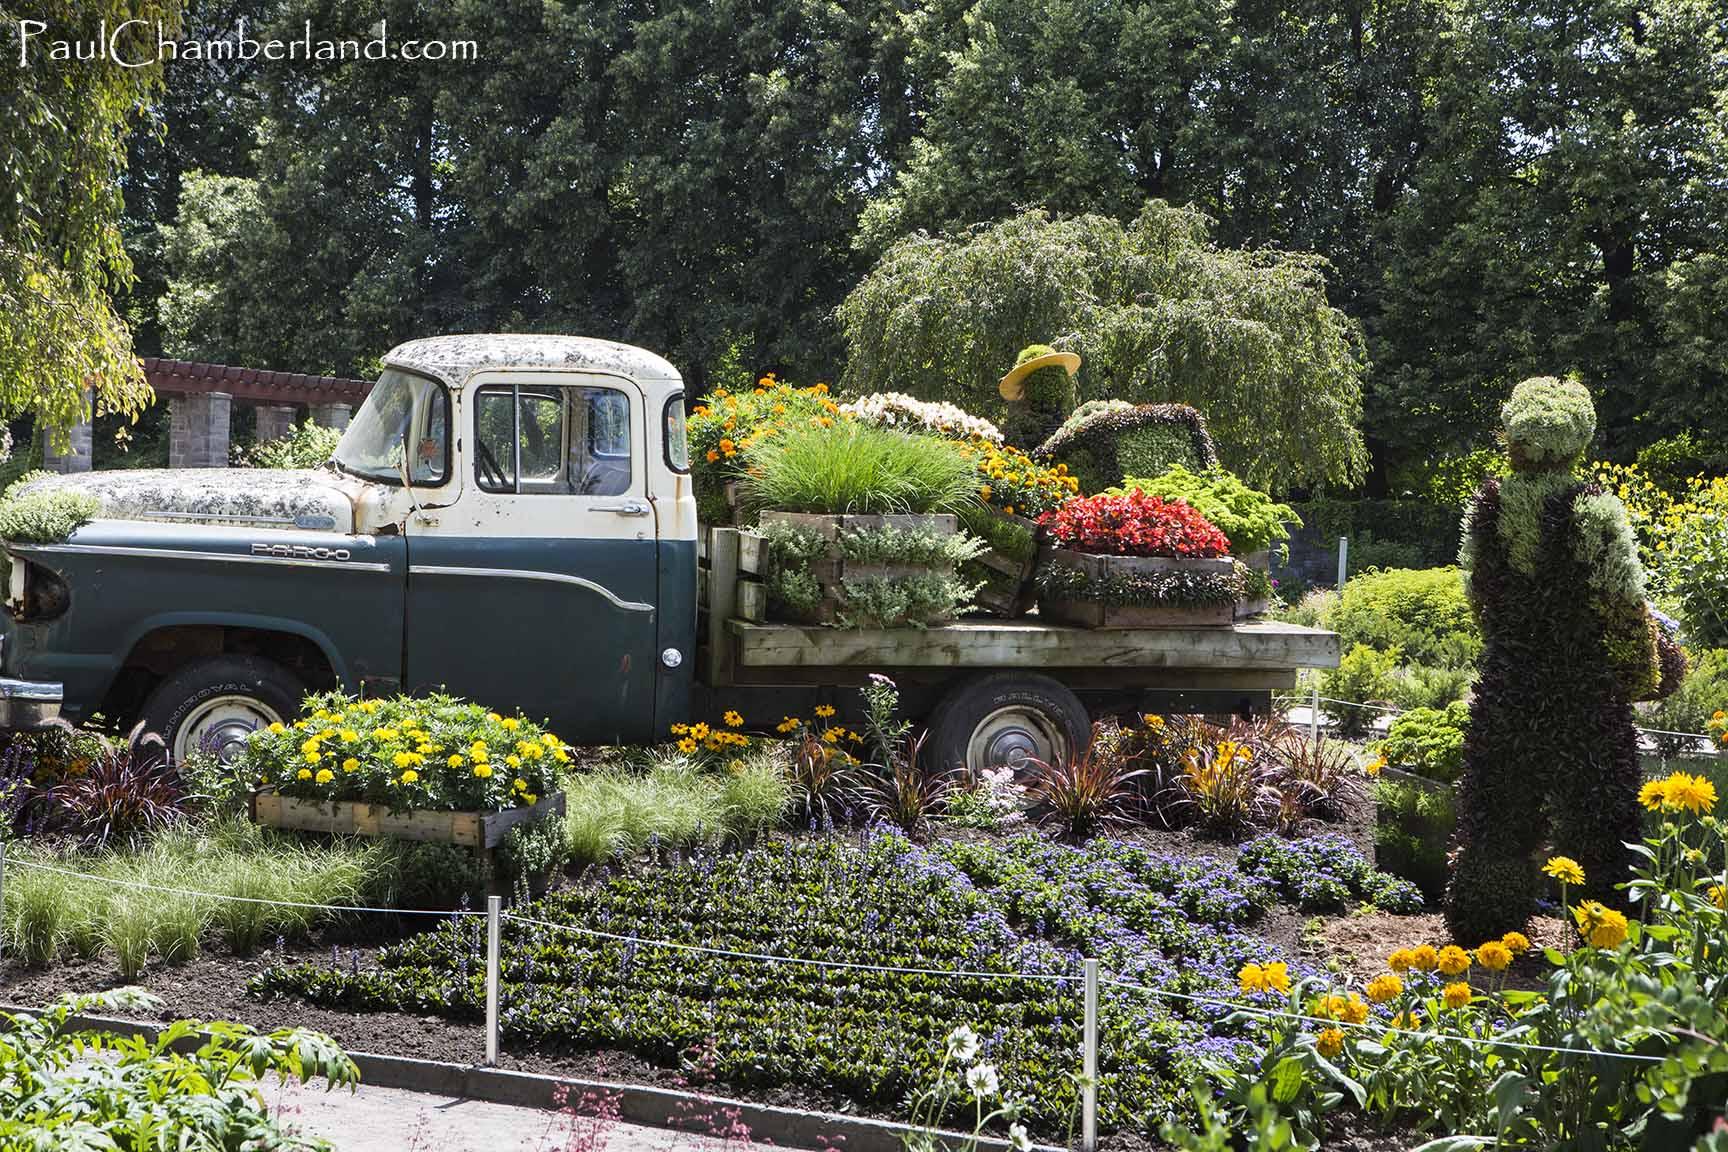 Jardin botanique de montr al paul chamberland photographe for Botanique jardin